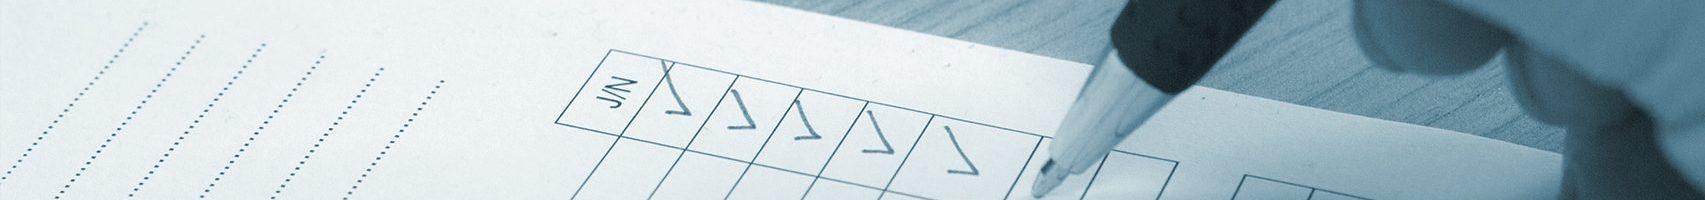 Checkliste-zur-Spezifikation